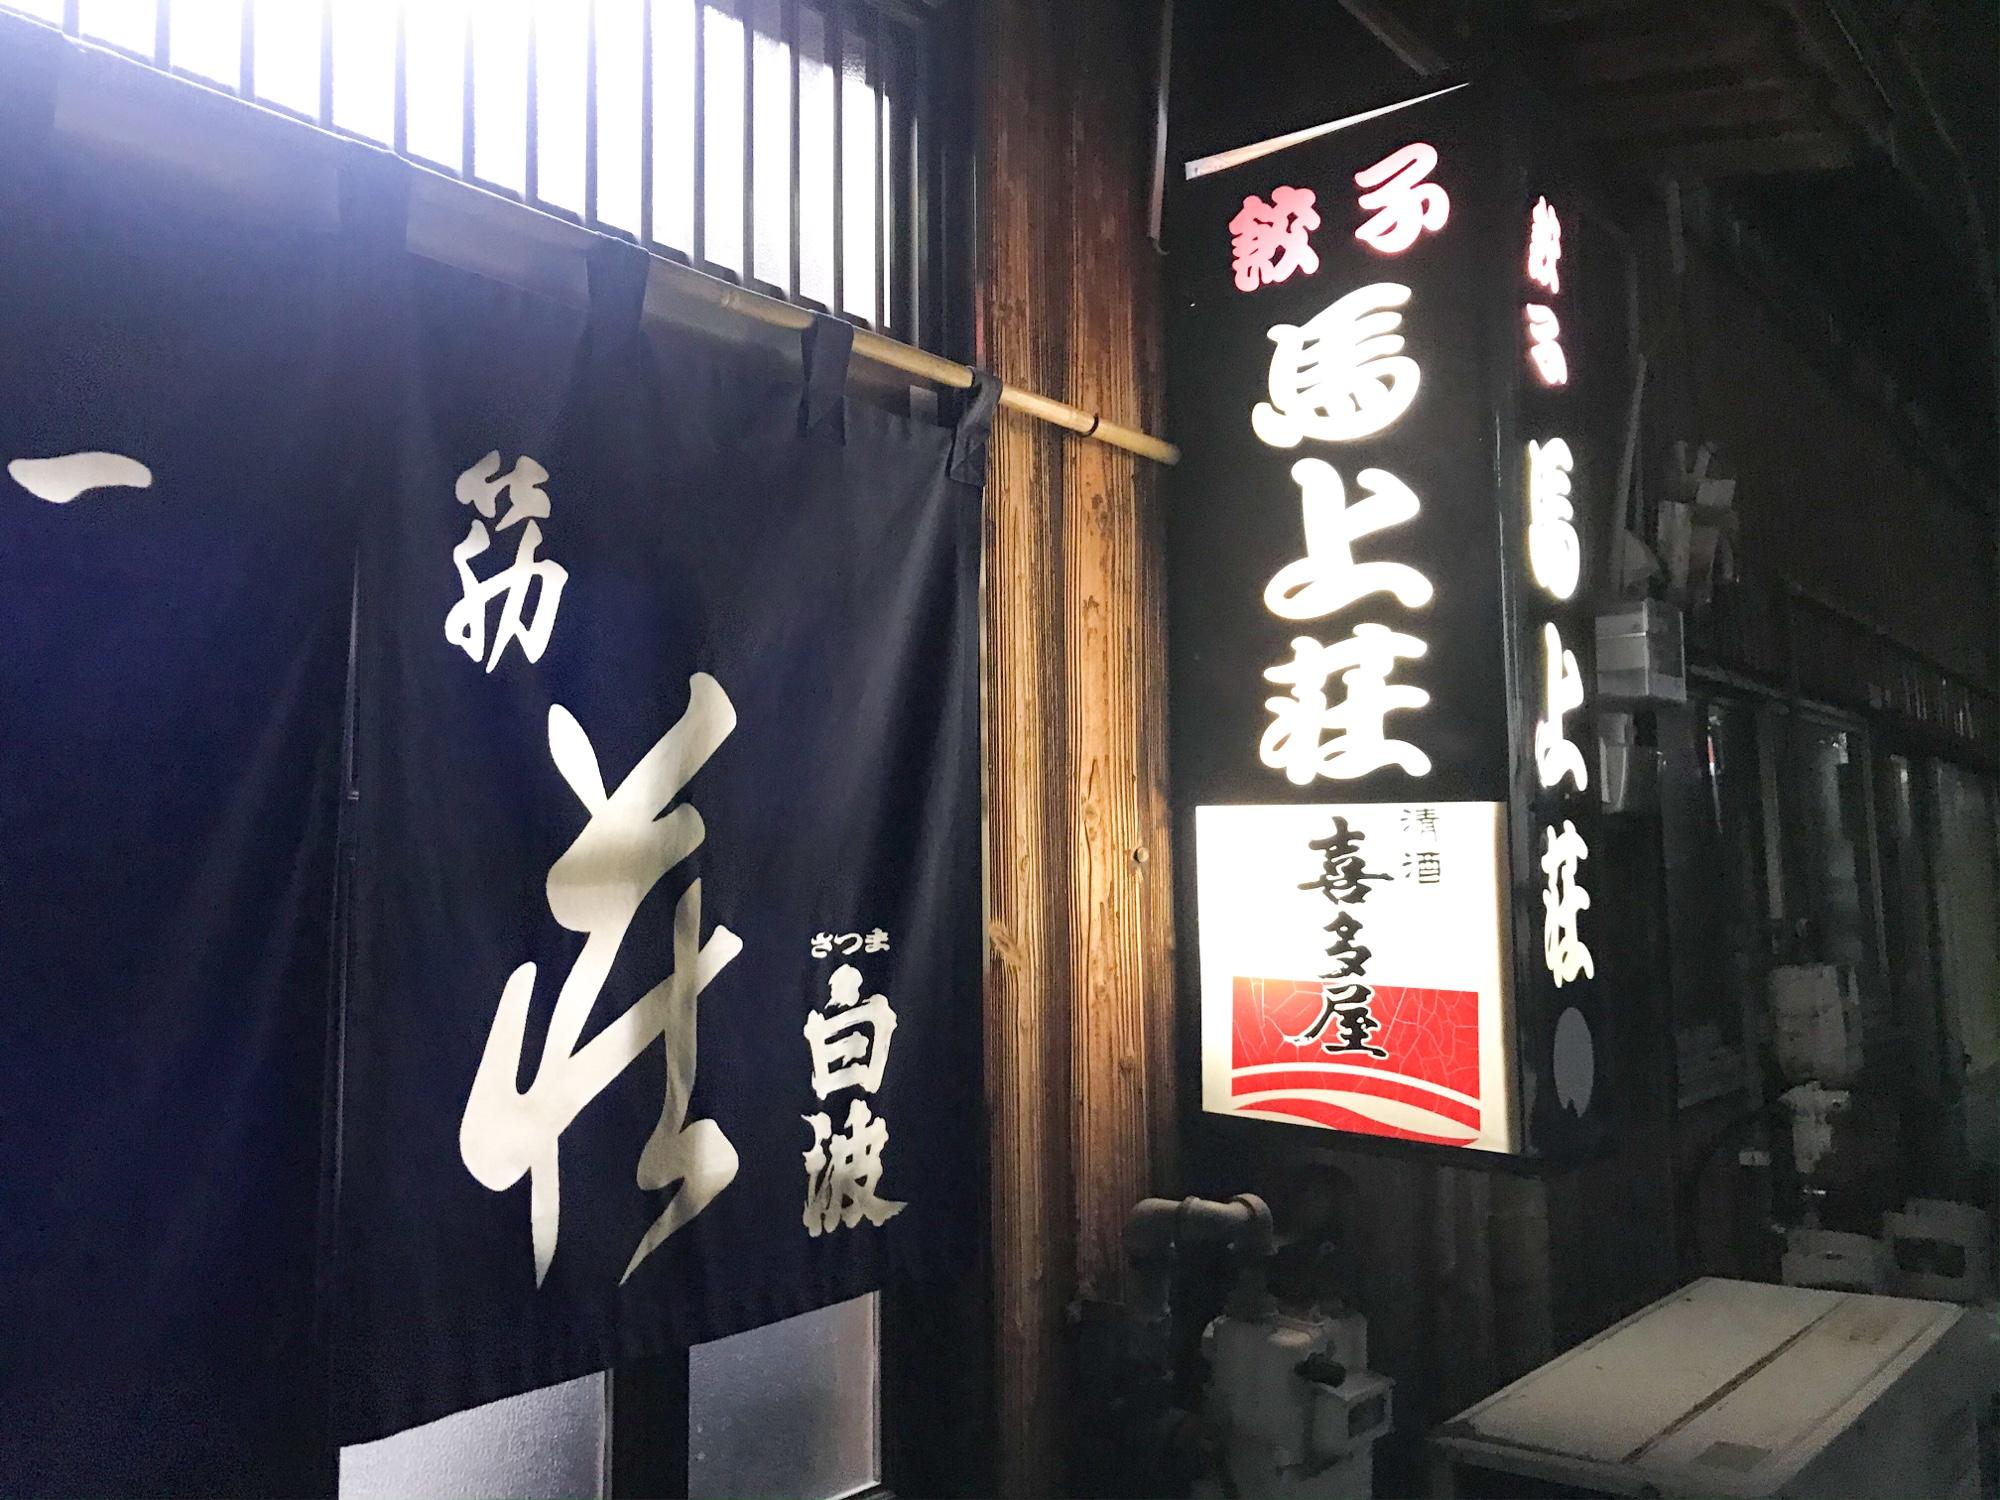 福岡 餃子 西陣 馬上荘 ばじょうそう 並ぶ メニュー